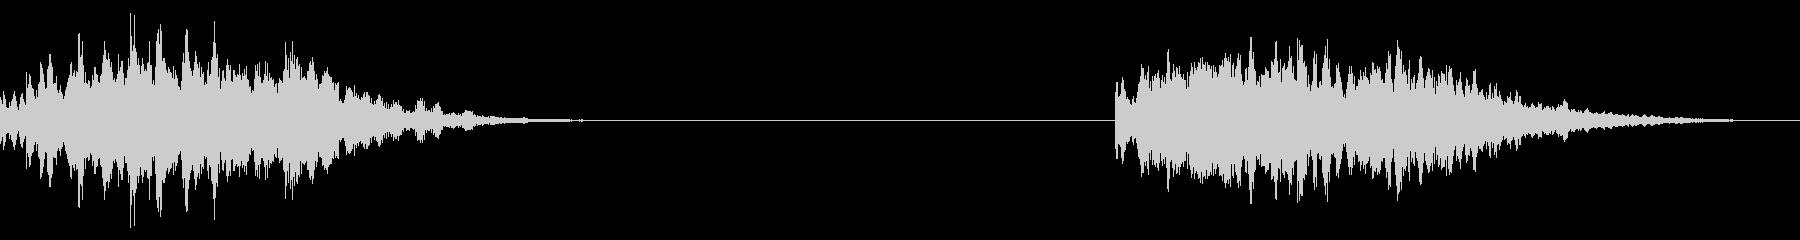 ベルスケールクロマティック、2バー...の未再生の波形